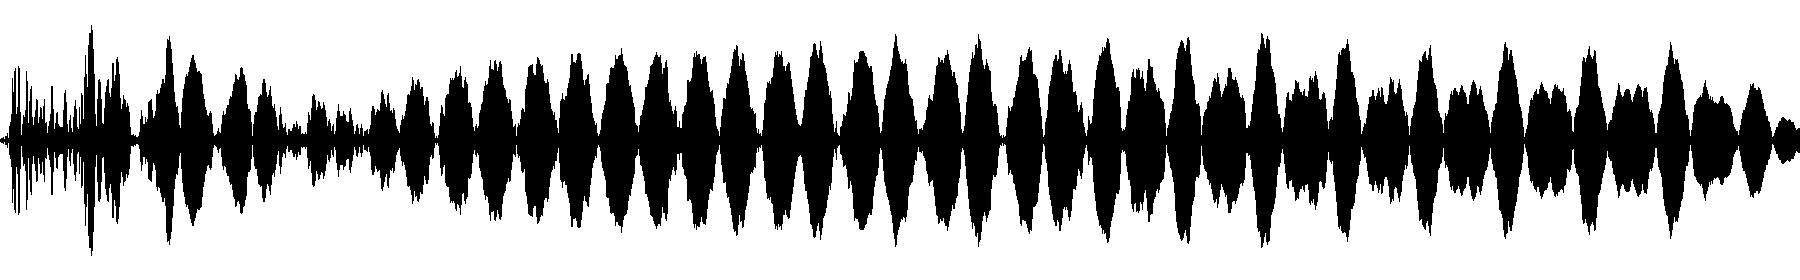 gia sound 10 a2